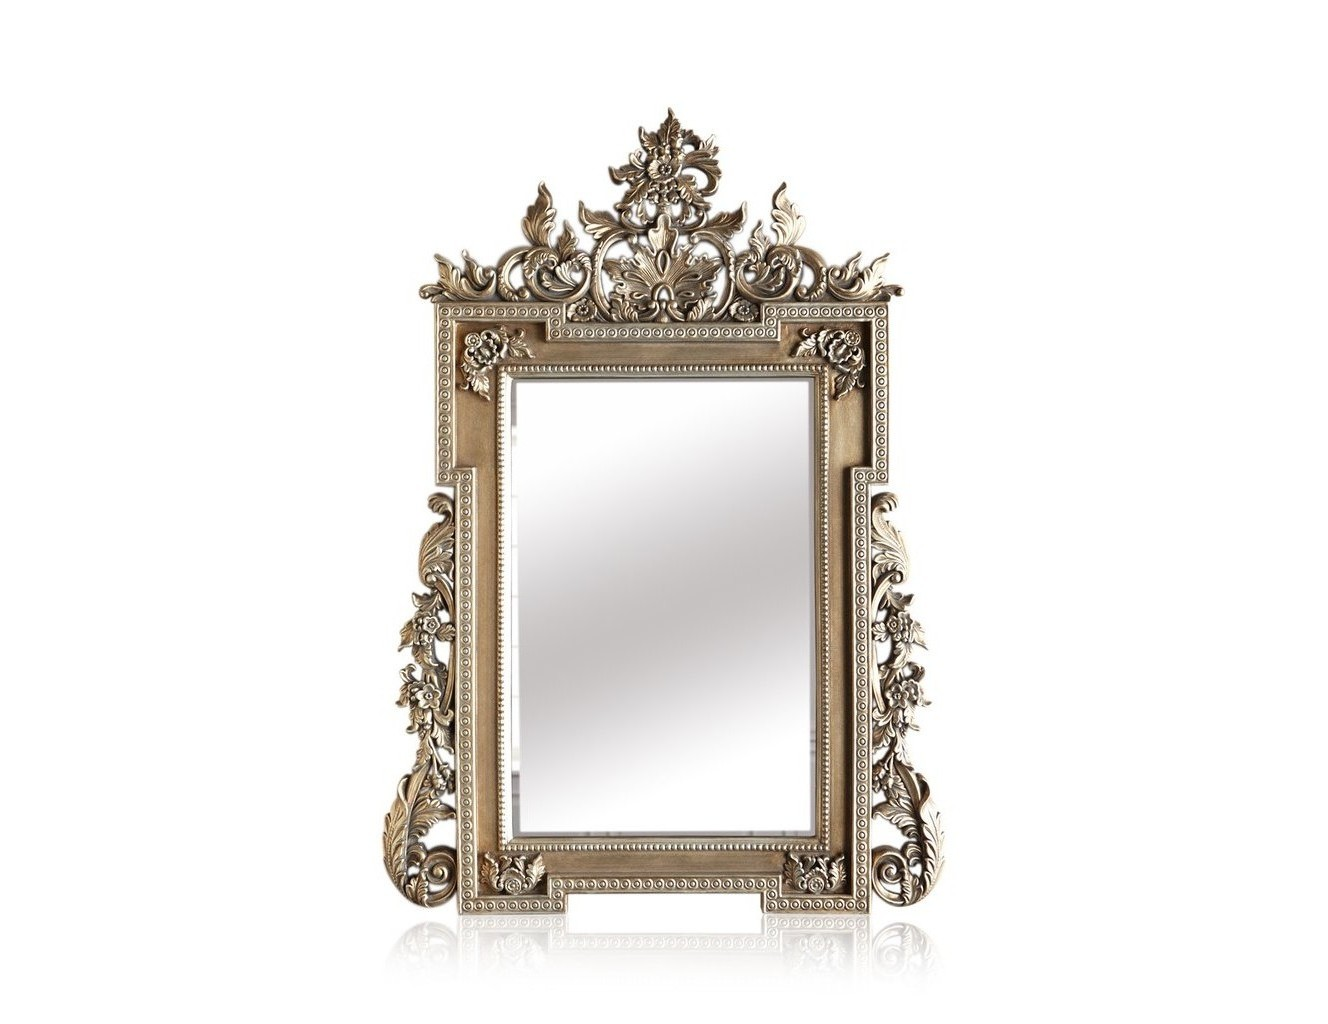 Зеркало БристольНастенные зеркала<br>&amp;lt;span style=&amp;quot;font-size: 14px;&amp;quot;&amp;gt;Крепления входят в стоимость.&amp;lt;/span&amp;gt;<br><br>Material: Пластик<br>Width см: 105<br>Depth см: 7<br>Height см: 155